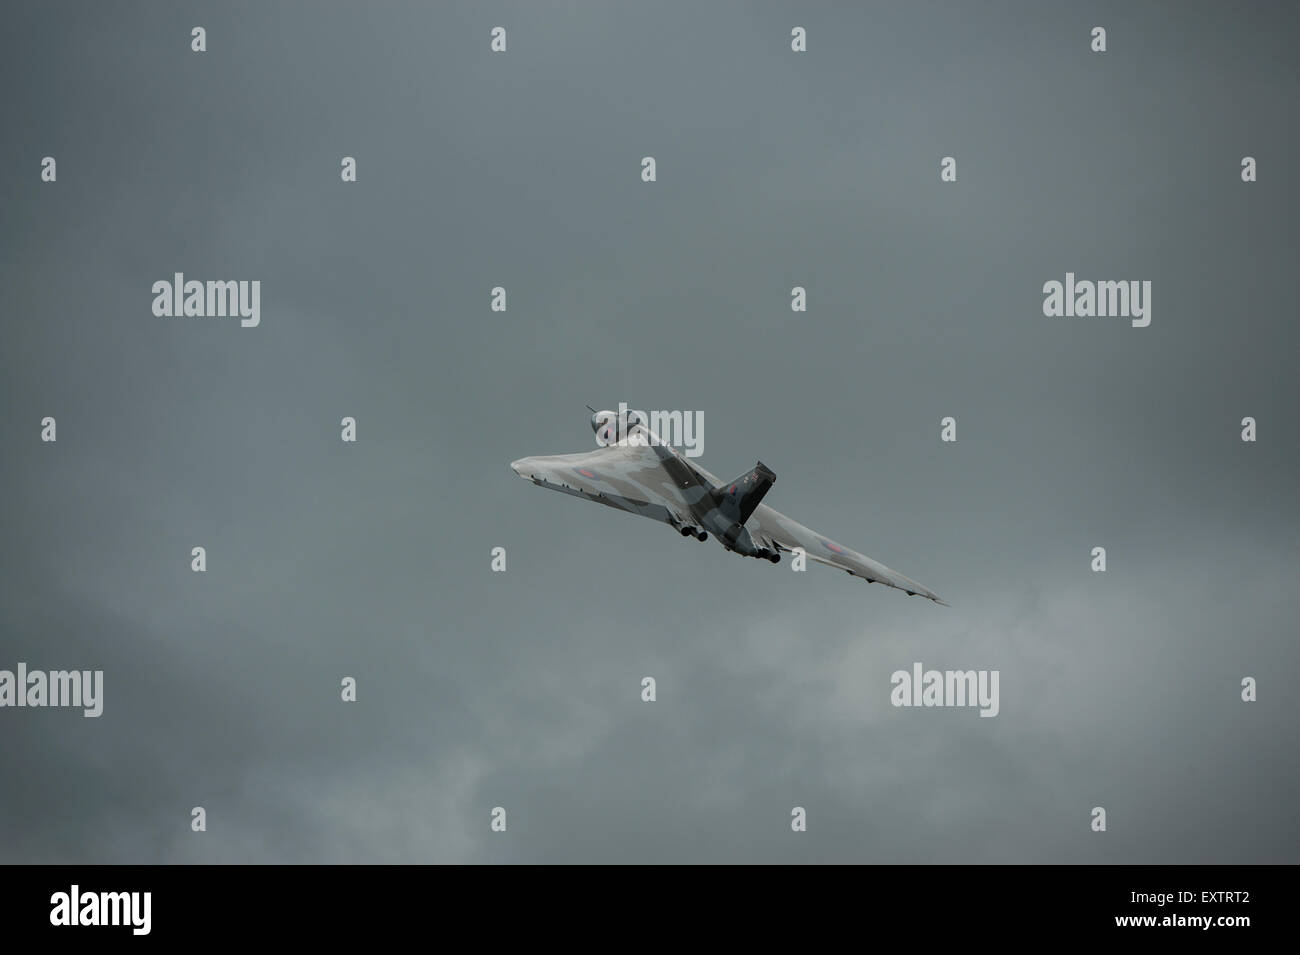 Avro Vulcan XH558 bombardero nuclear de la guerra fría volando en un cielo oscuro Imagen De Stock